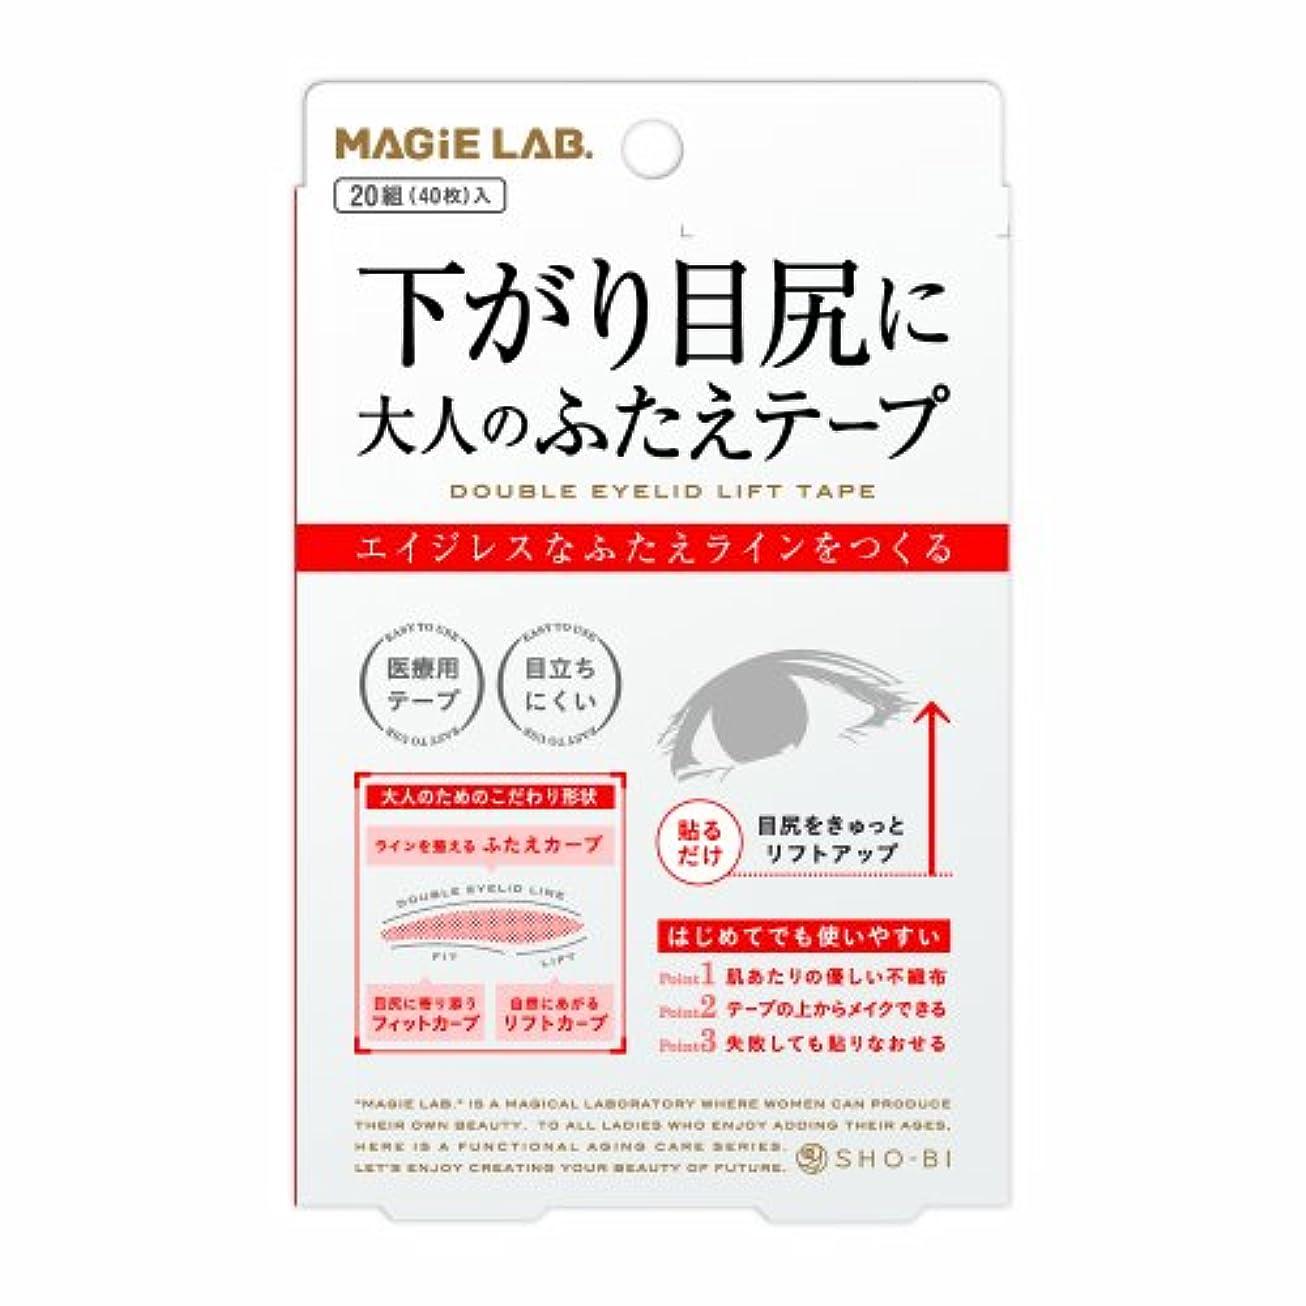 こする汚い頼むMG22105 下がり目尻に 大人のふたえープ 20組40枚入 整形テープ マジラボ MAGiE LAB.